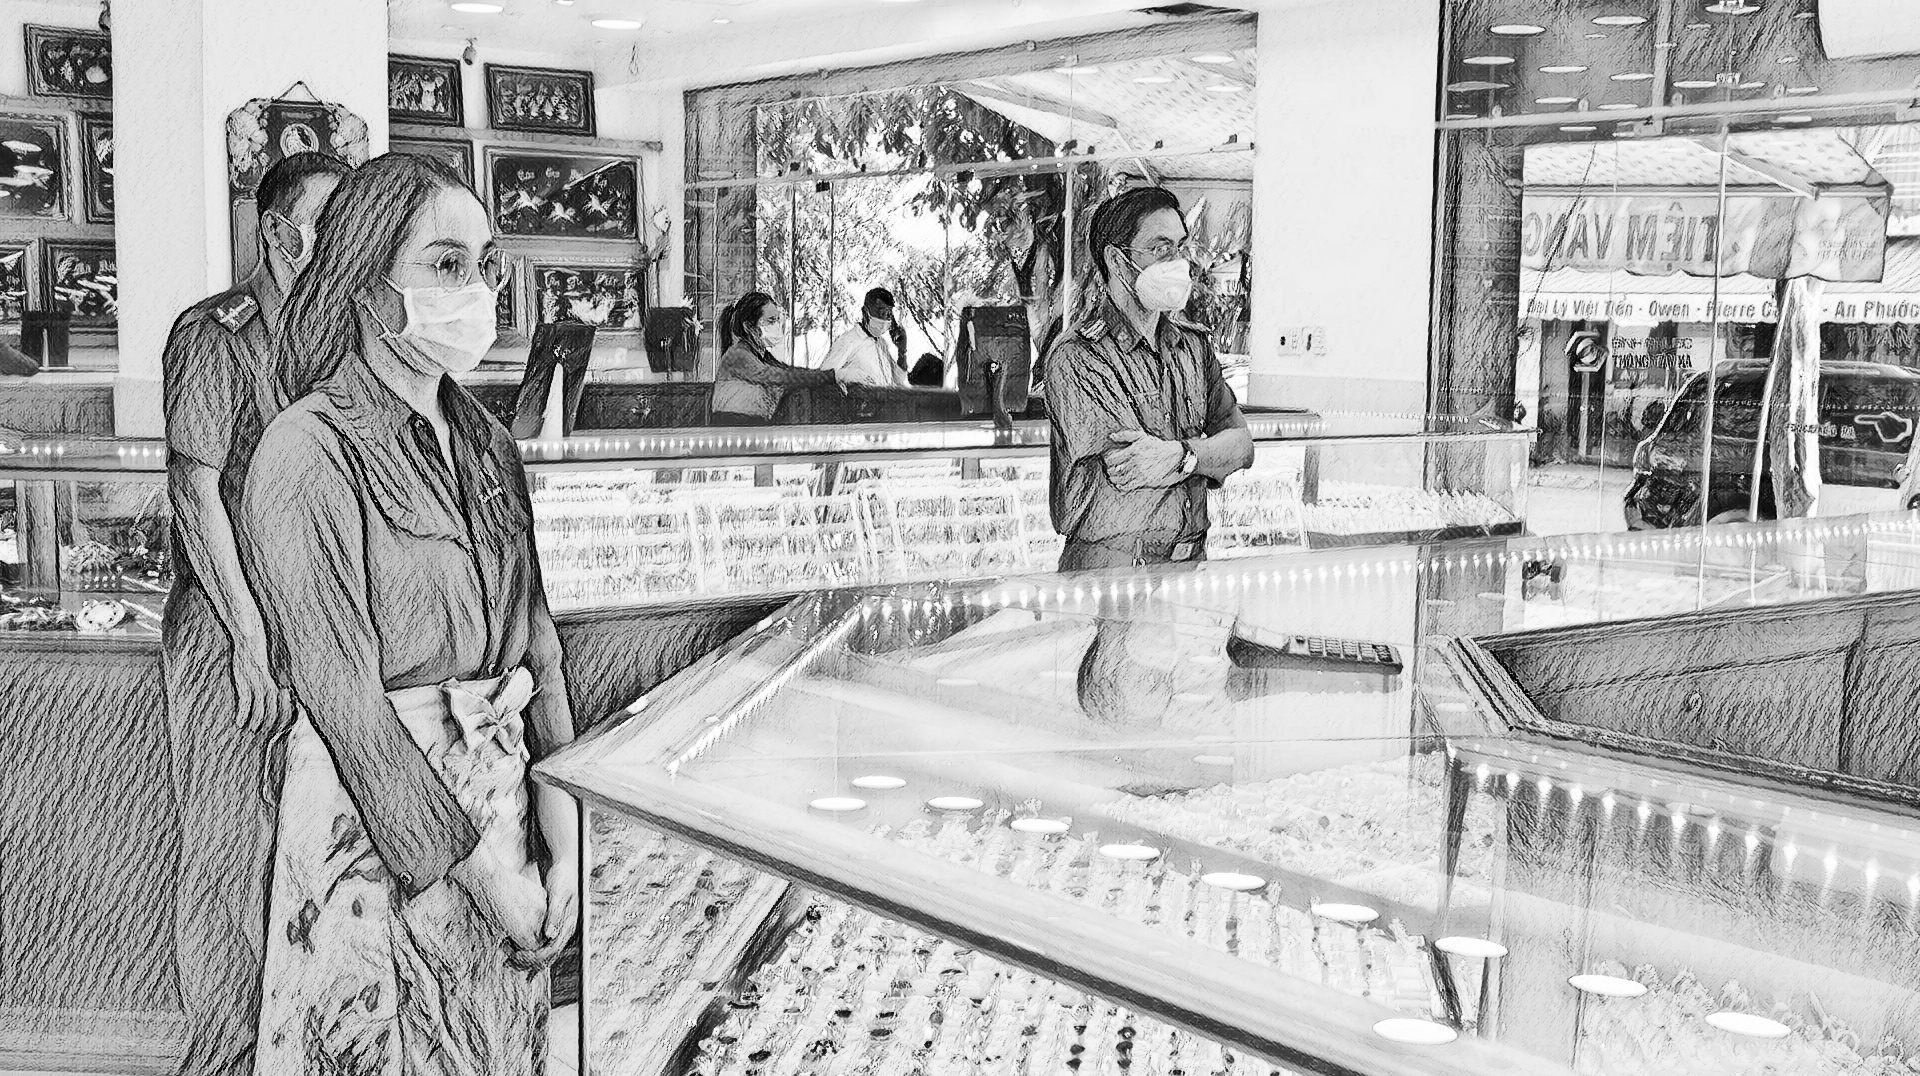 Nhung tại tiệm vàng Kim Hương 1